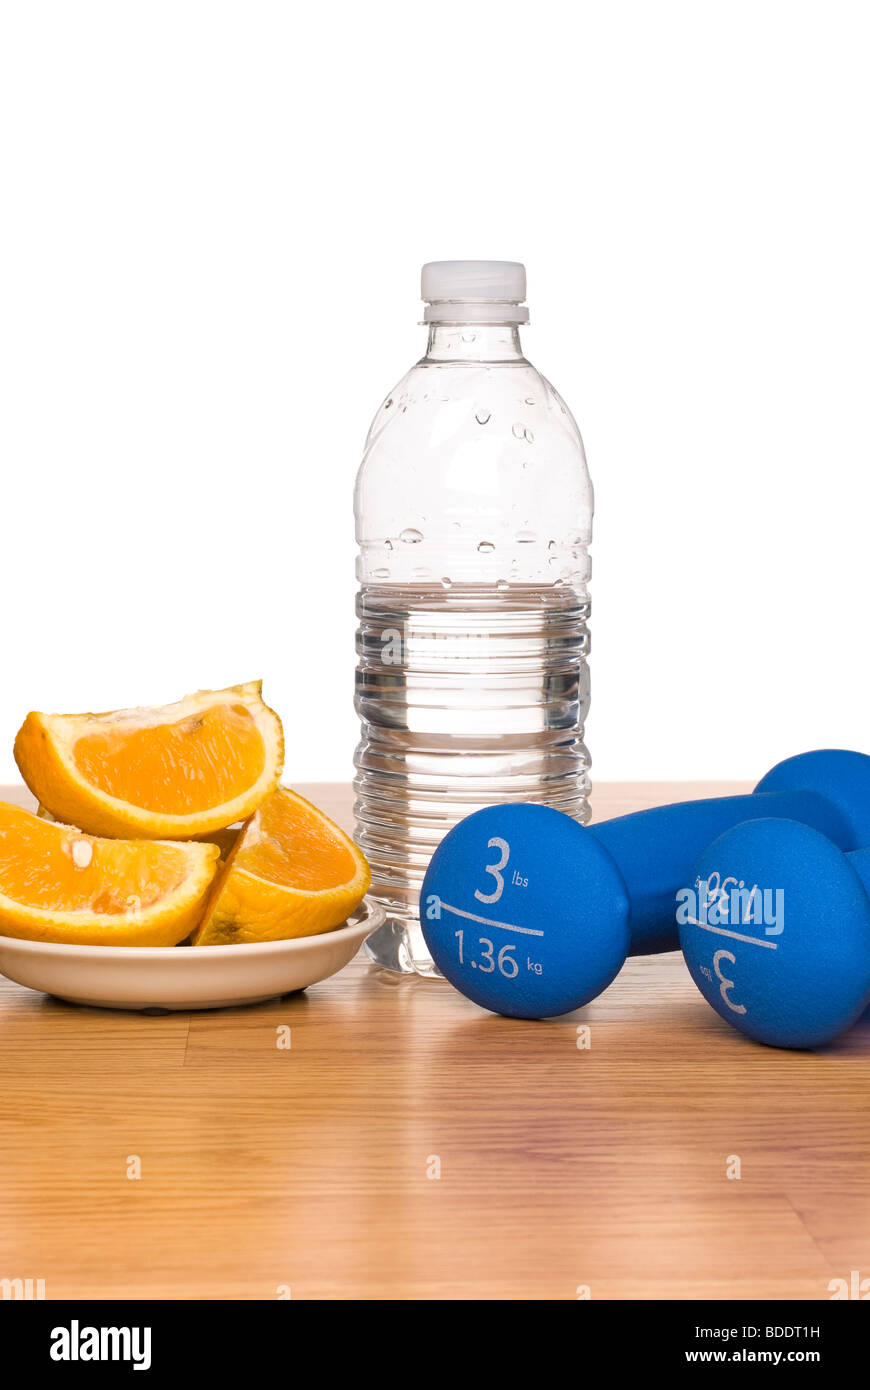 Imagen conceptual de una vida saludable incluye equipos para ejercicios, una botella de agua y una naranja en rodajas. Imagen De Stock